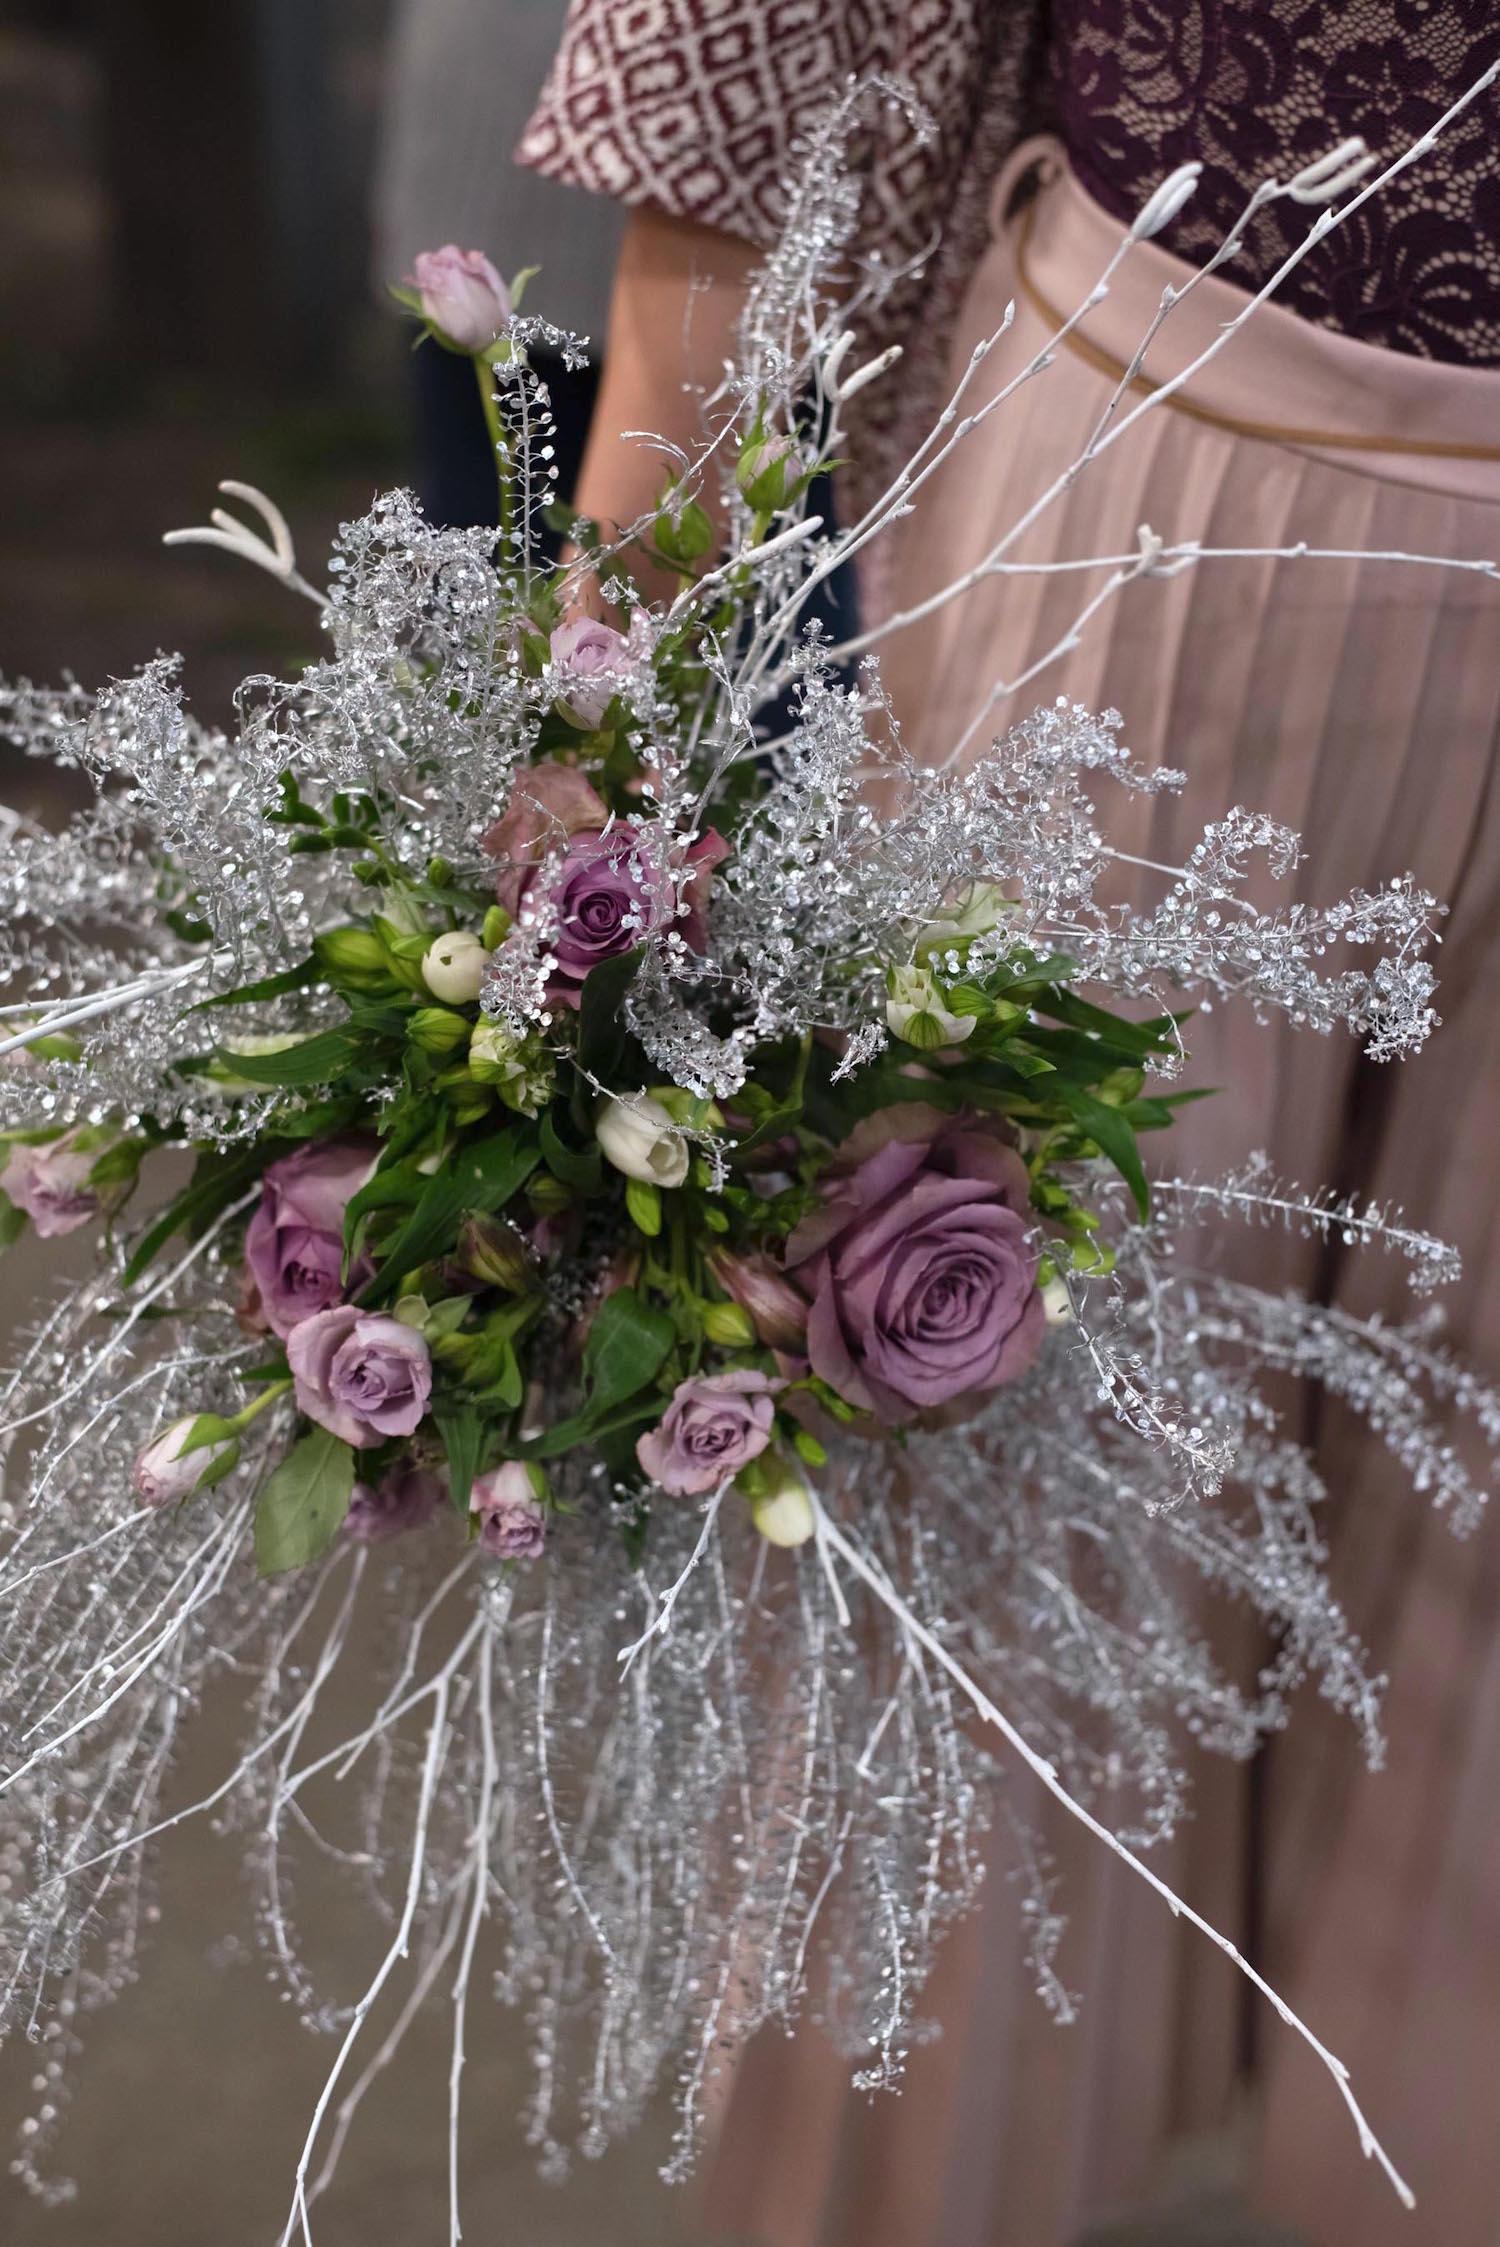 cvetlicno druzenje gardenia delavnica darilni bon beautyfull blog